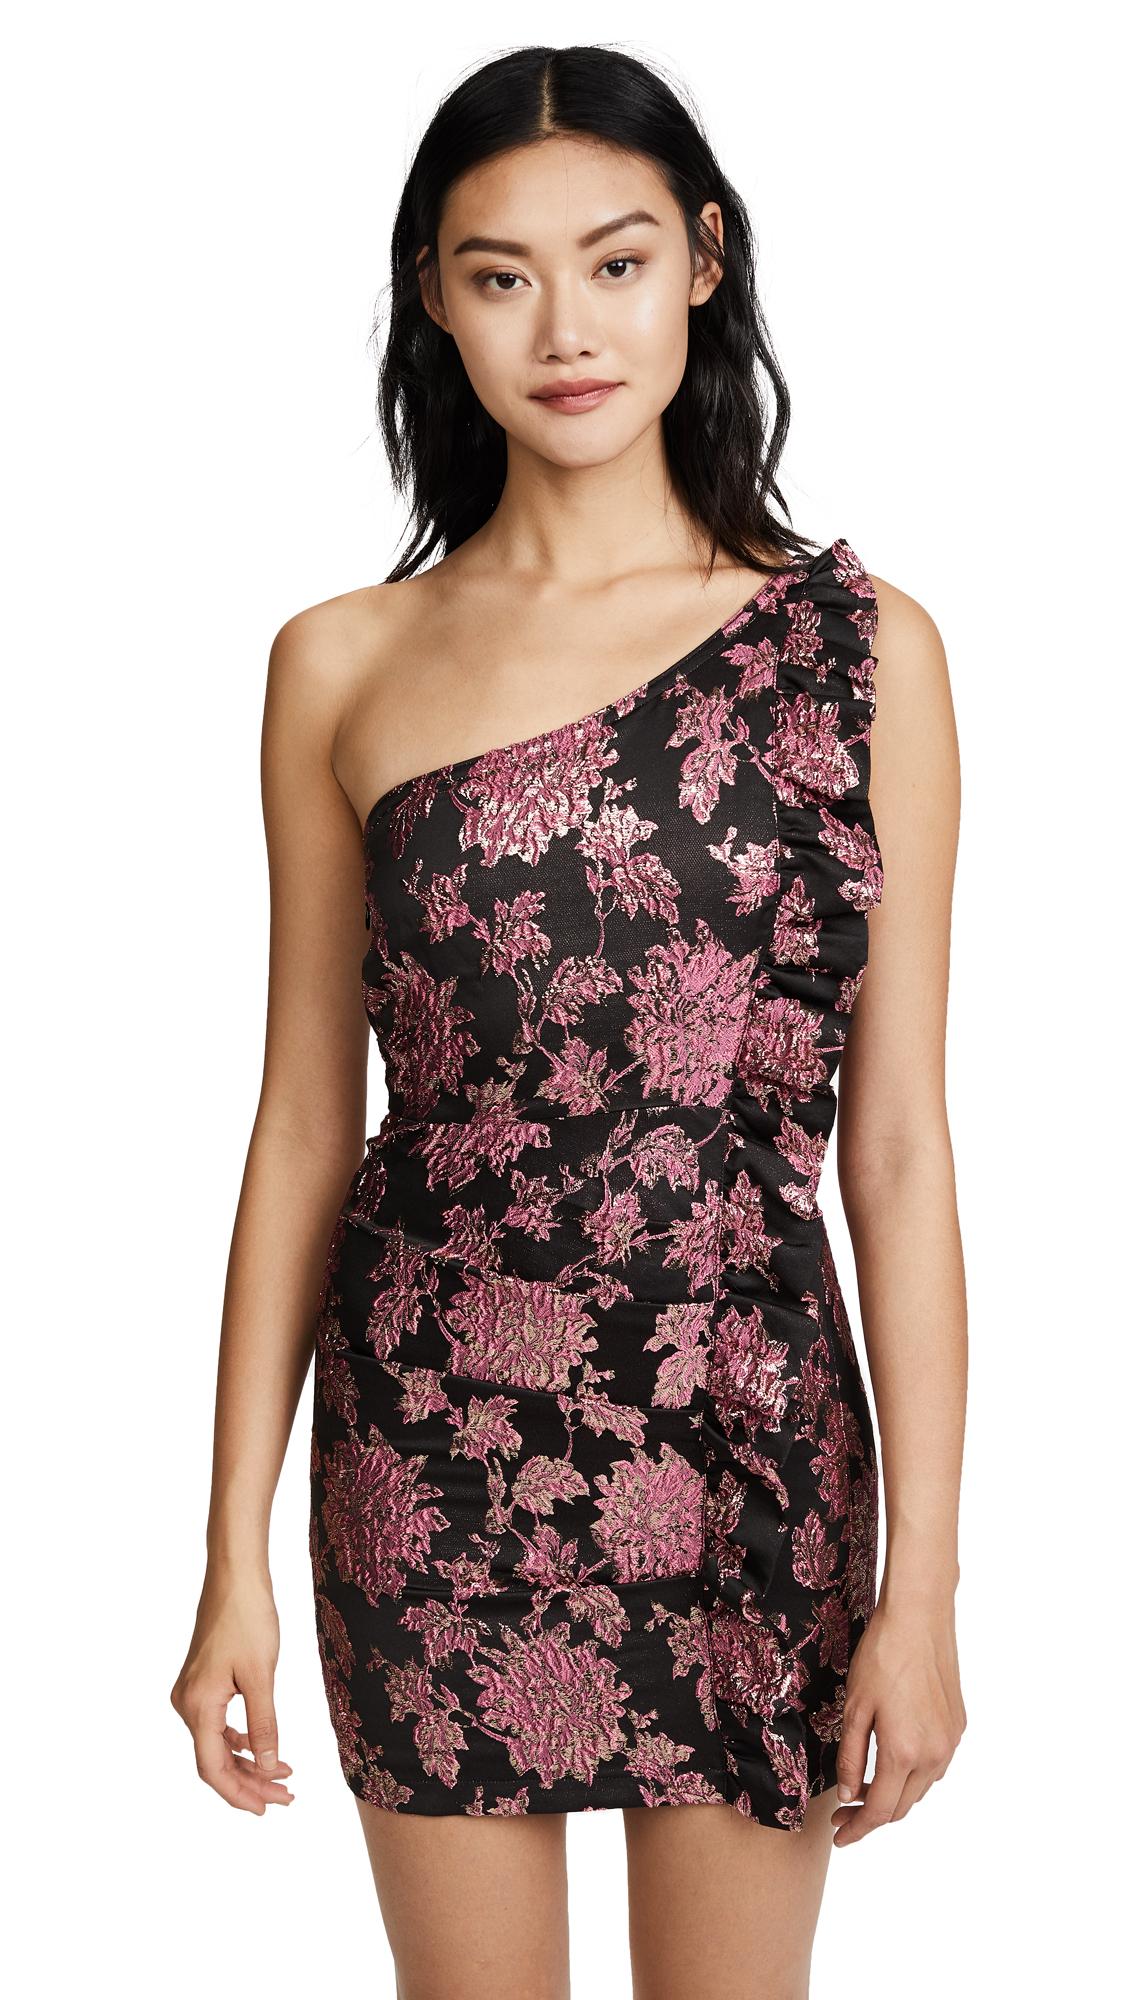 For Love & Lemons Luella Jacquard Mini Dress - Metallic